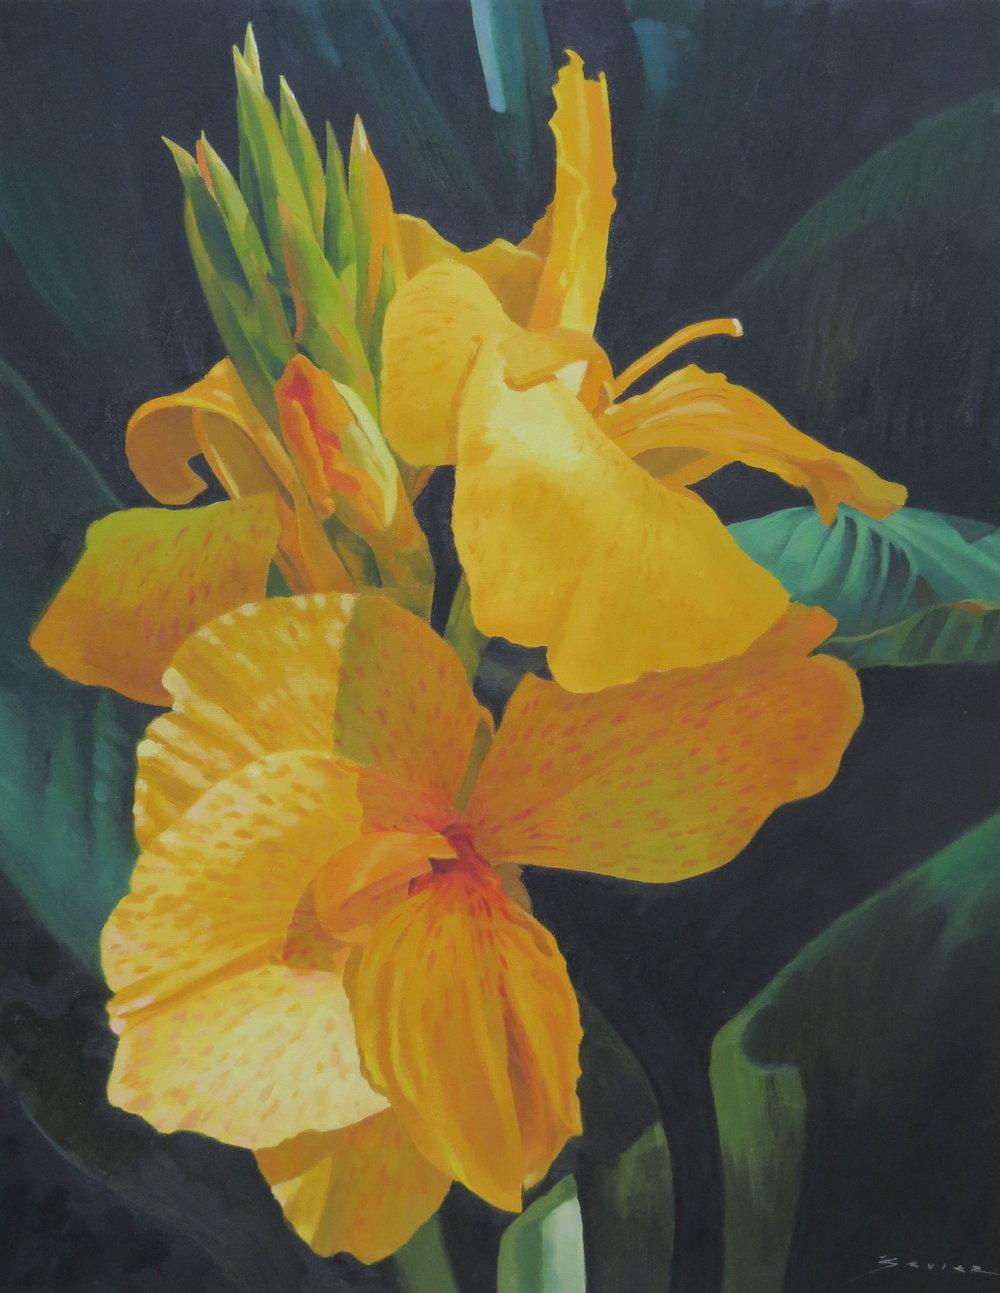 Yellow Calla Lily,  22 x 28, oil